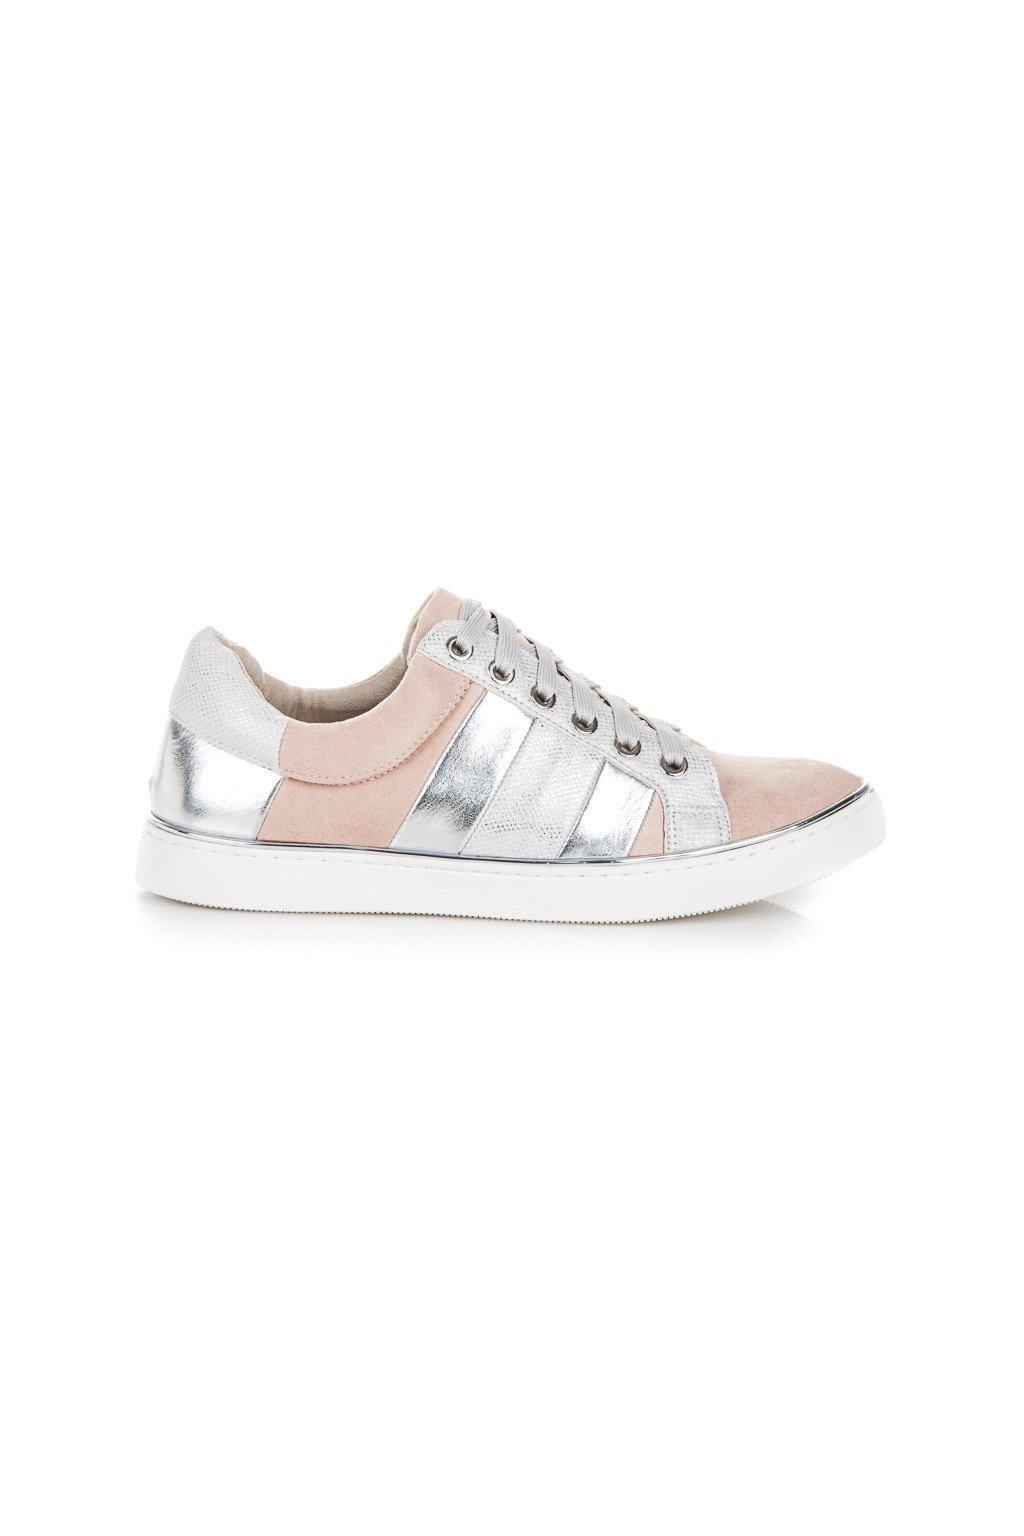 Ružové tenisky fashion Kylie